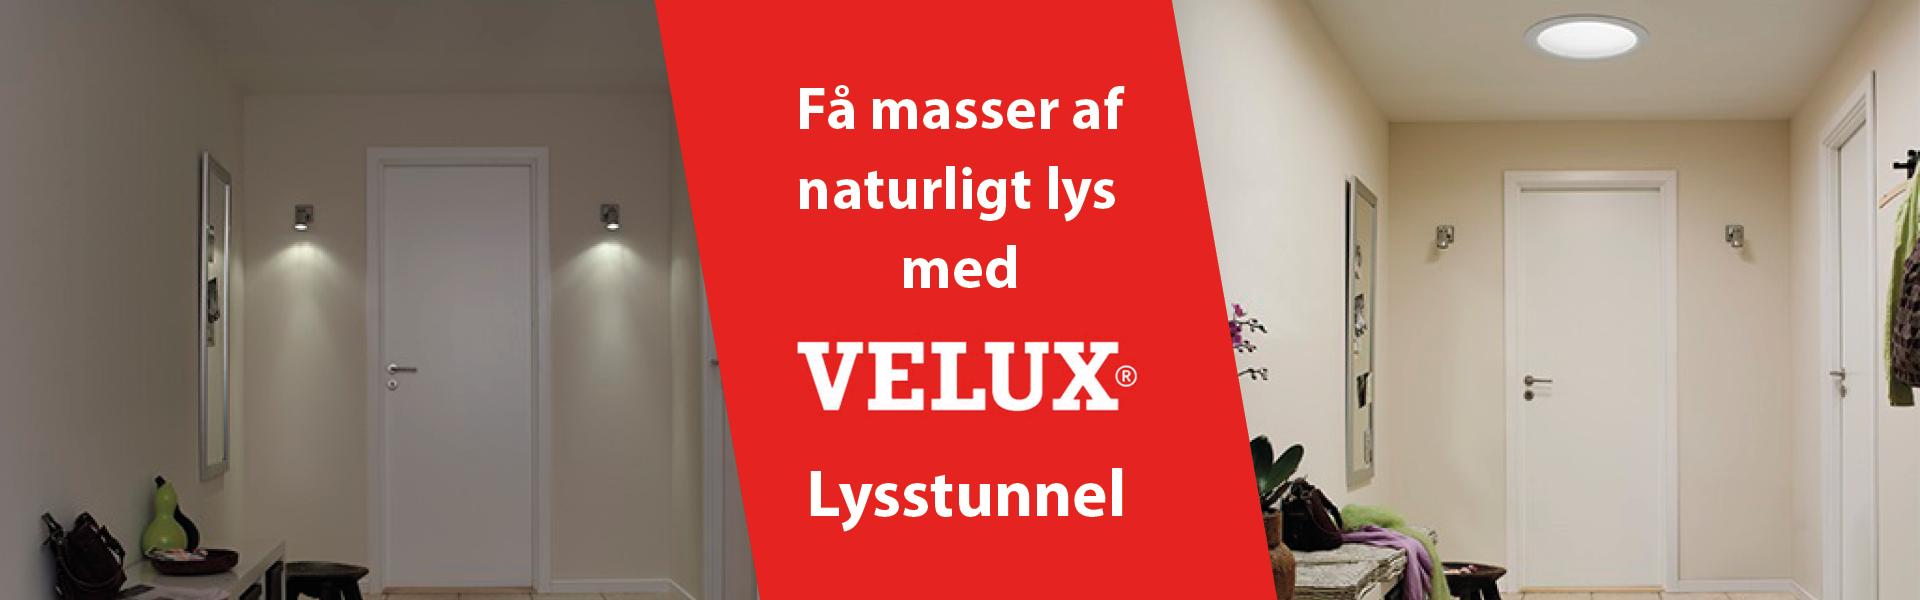 Velux_Lystunnel_Netbyggemarked